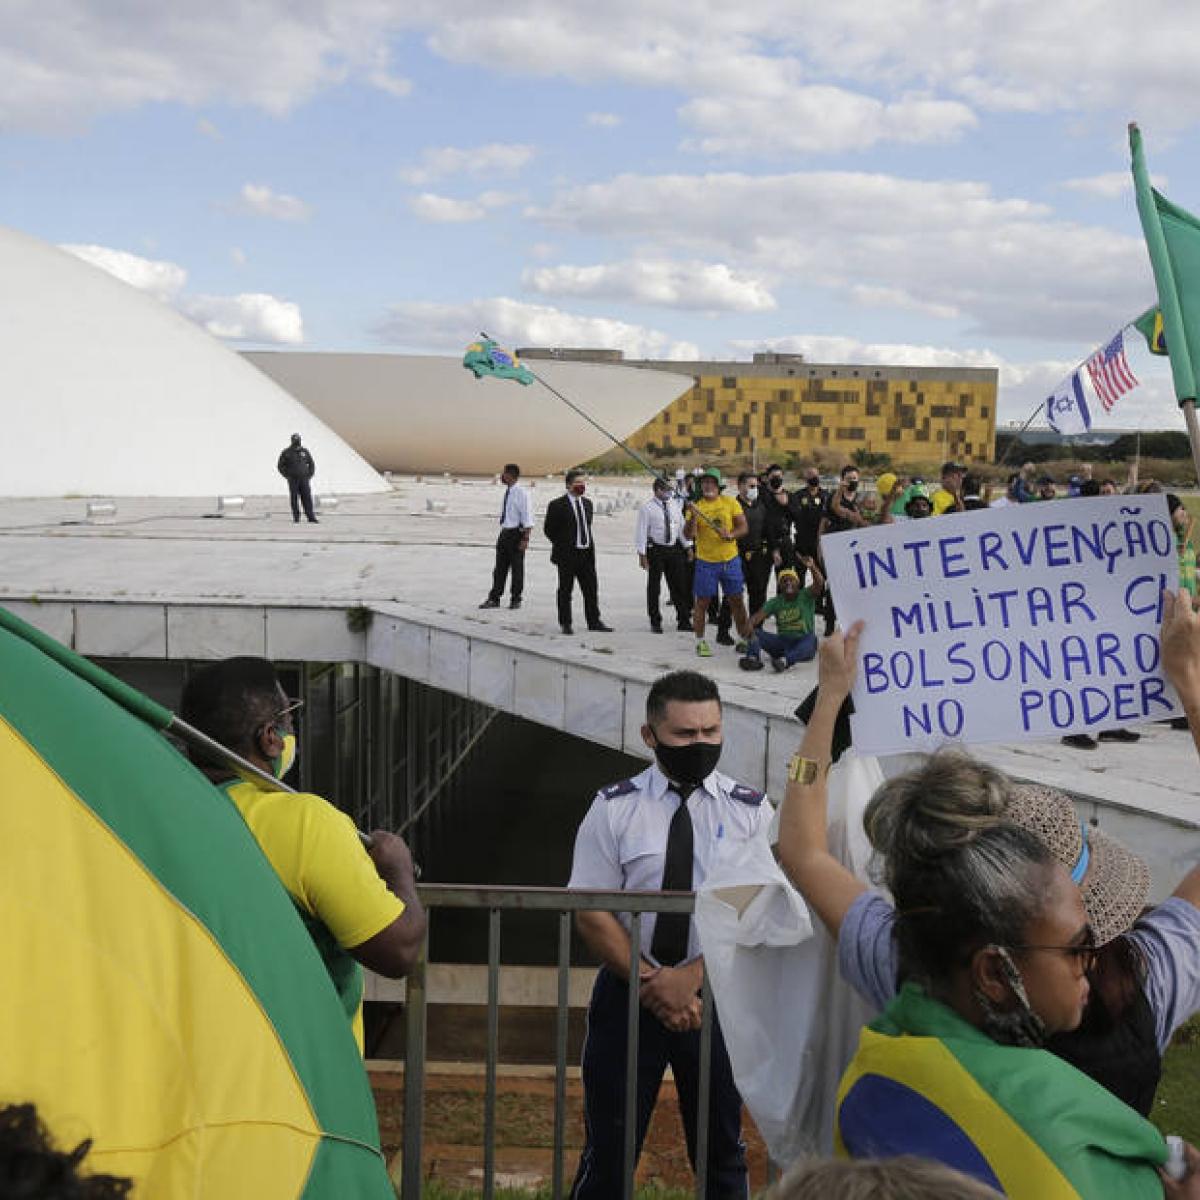 Apoiadores de Bolsonaro são alvos da PF sobre atos antidemocráticos - Imagem 1